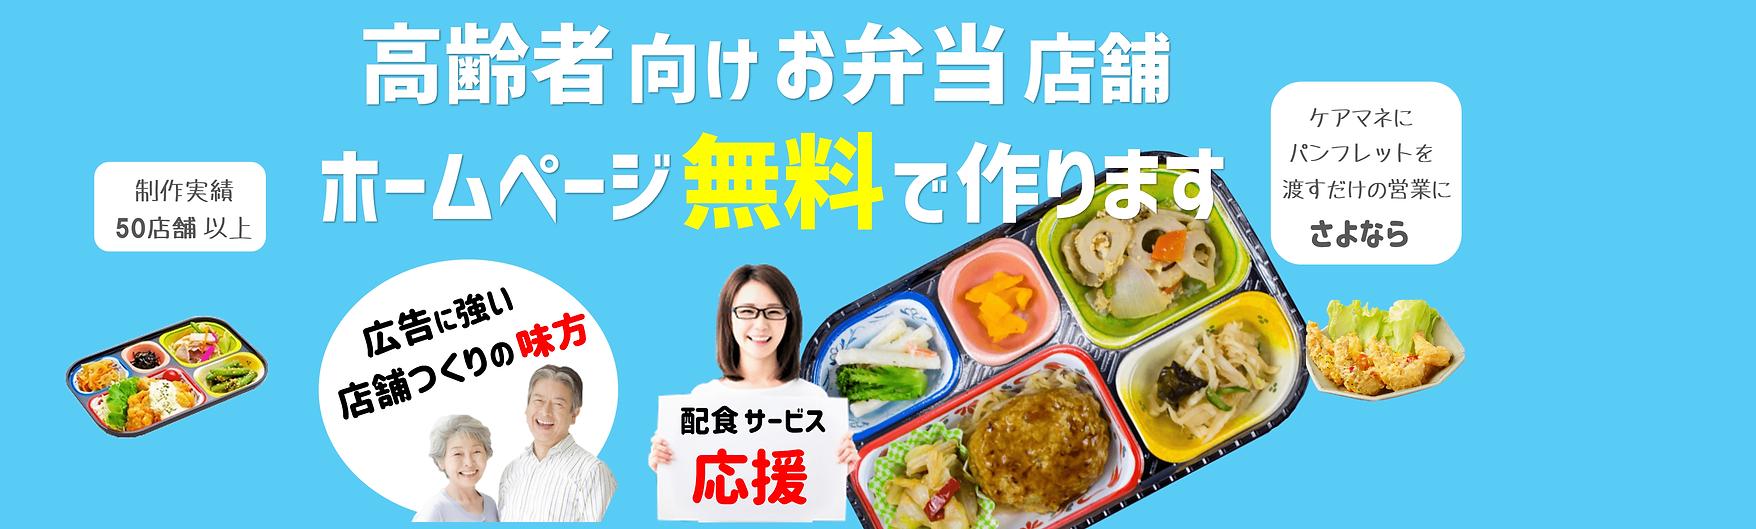 まごふれ4-min (1).png